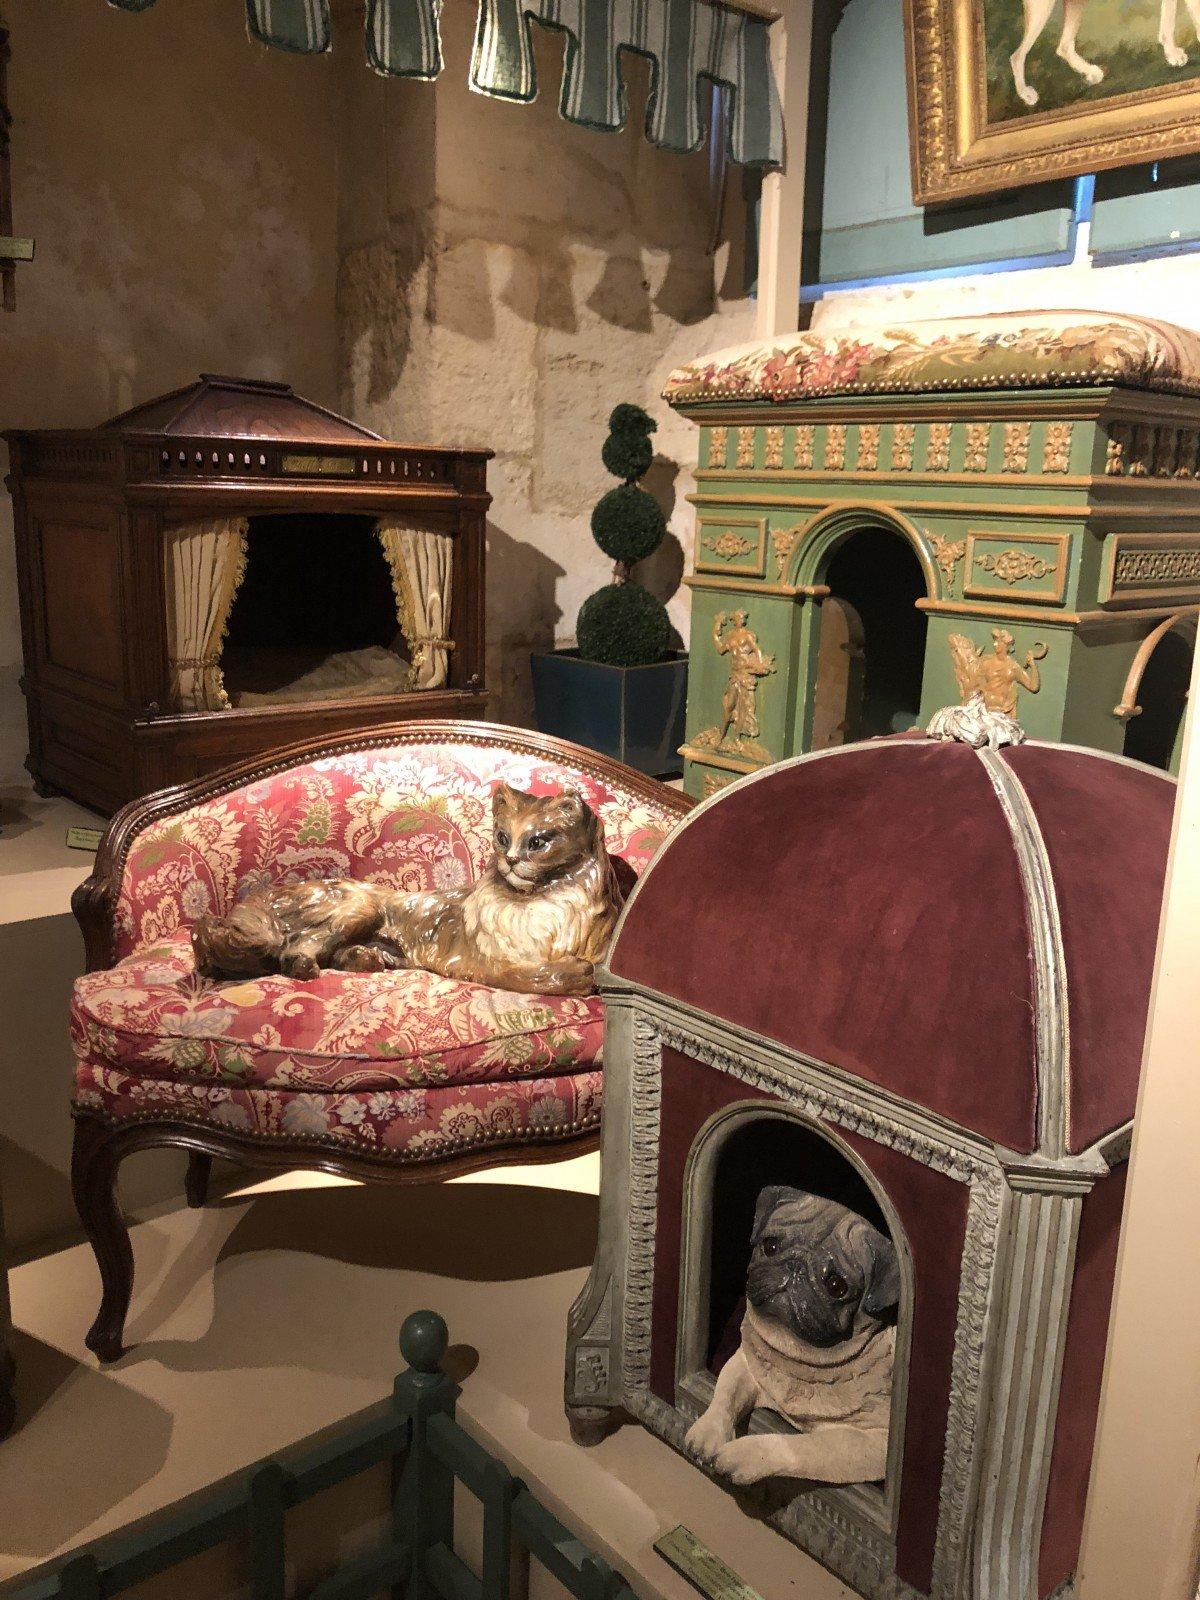 Chateau de Vendeuvre , doge bed collection louis 18th century